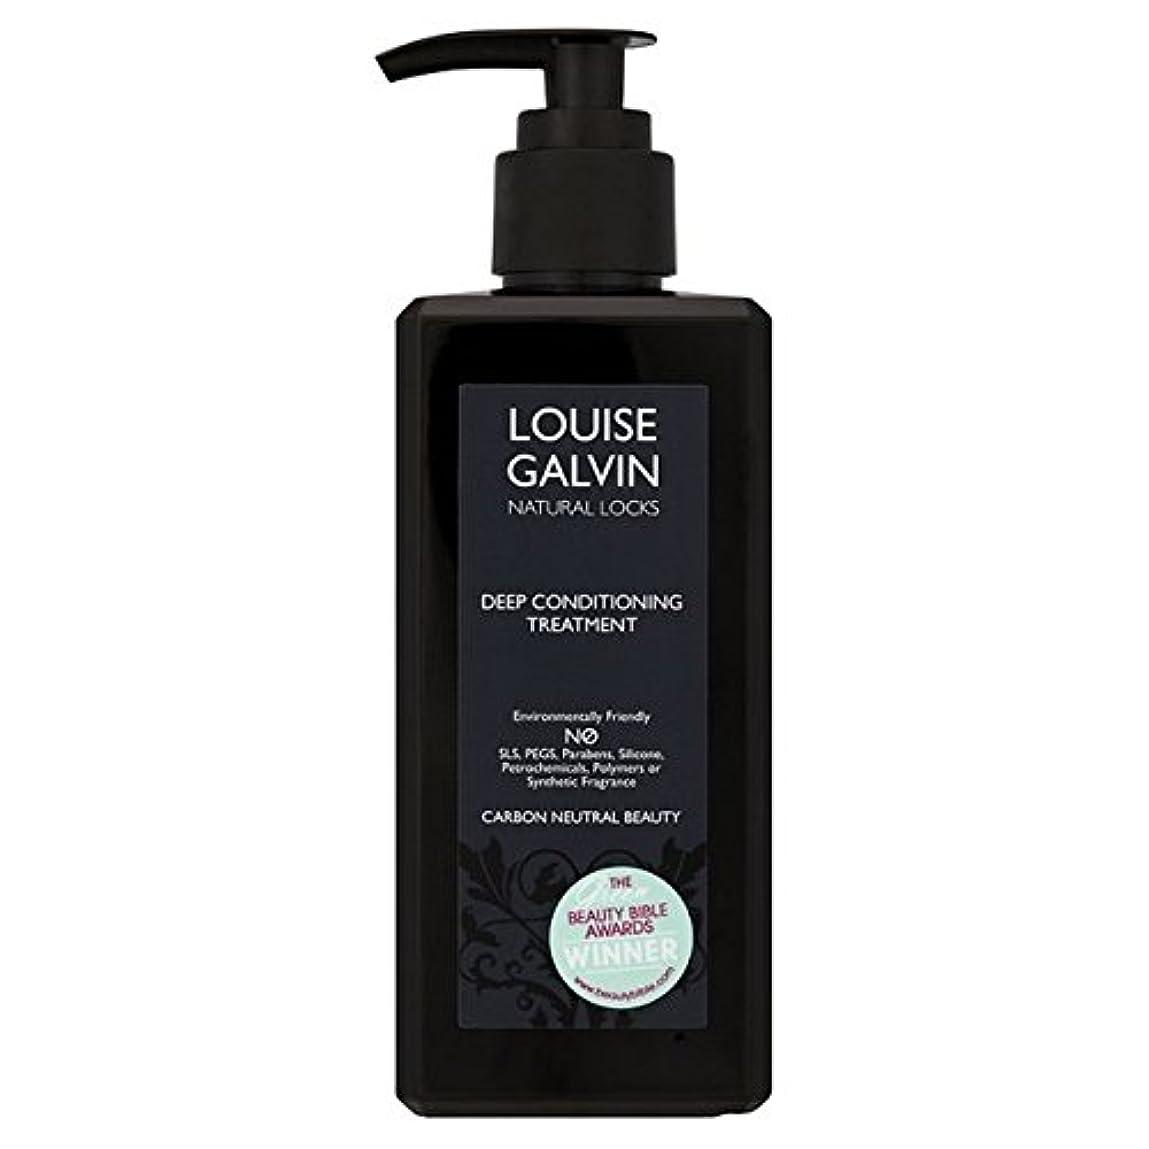 発掘流行している前売Louise Galvin Pure Shine Conditioner For Normal Hair 300ml - ノーマルヘア300ミリリットルのためのルイーズガルビン純粋な輝きコンディショナー [並行輸入品]